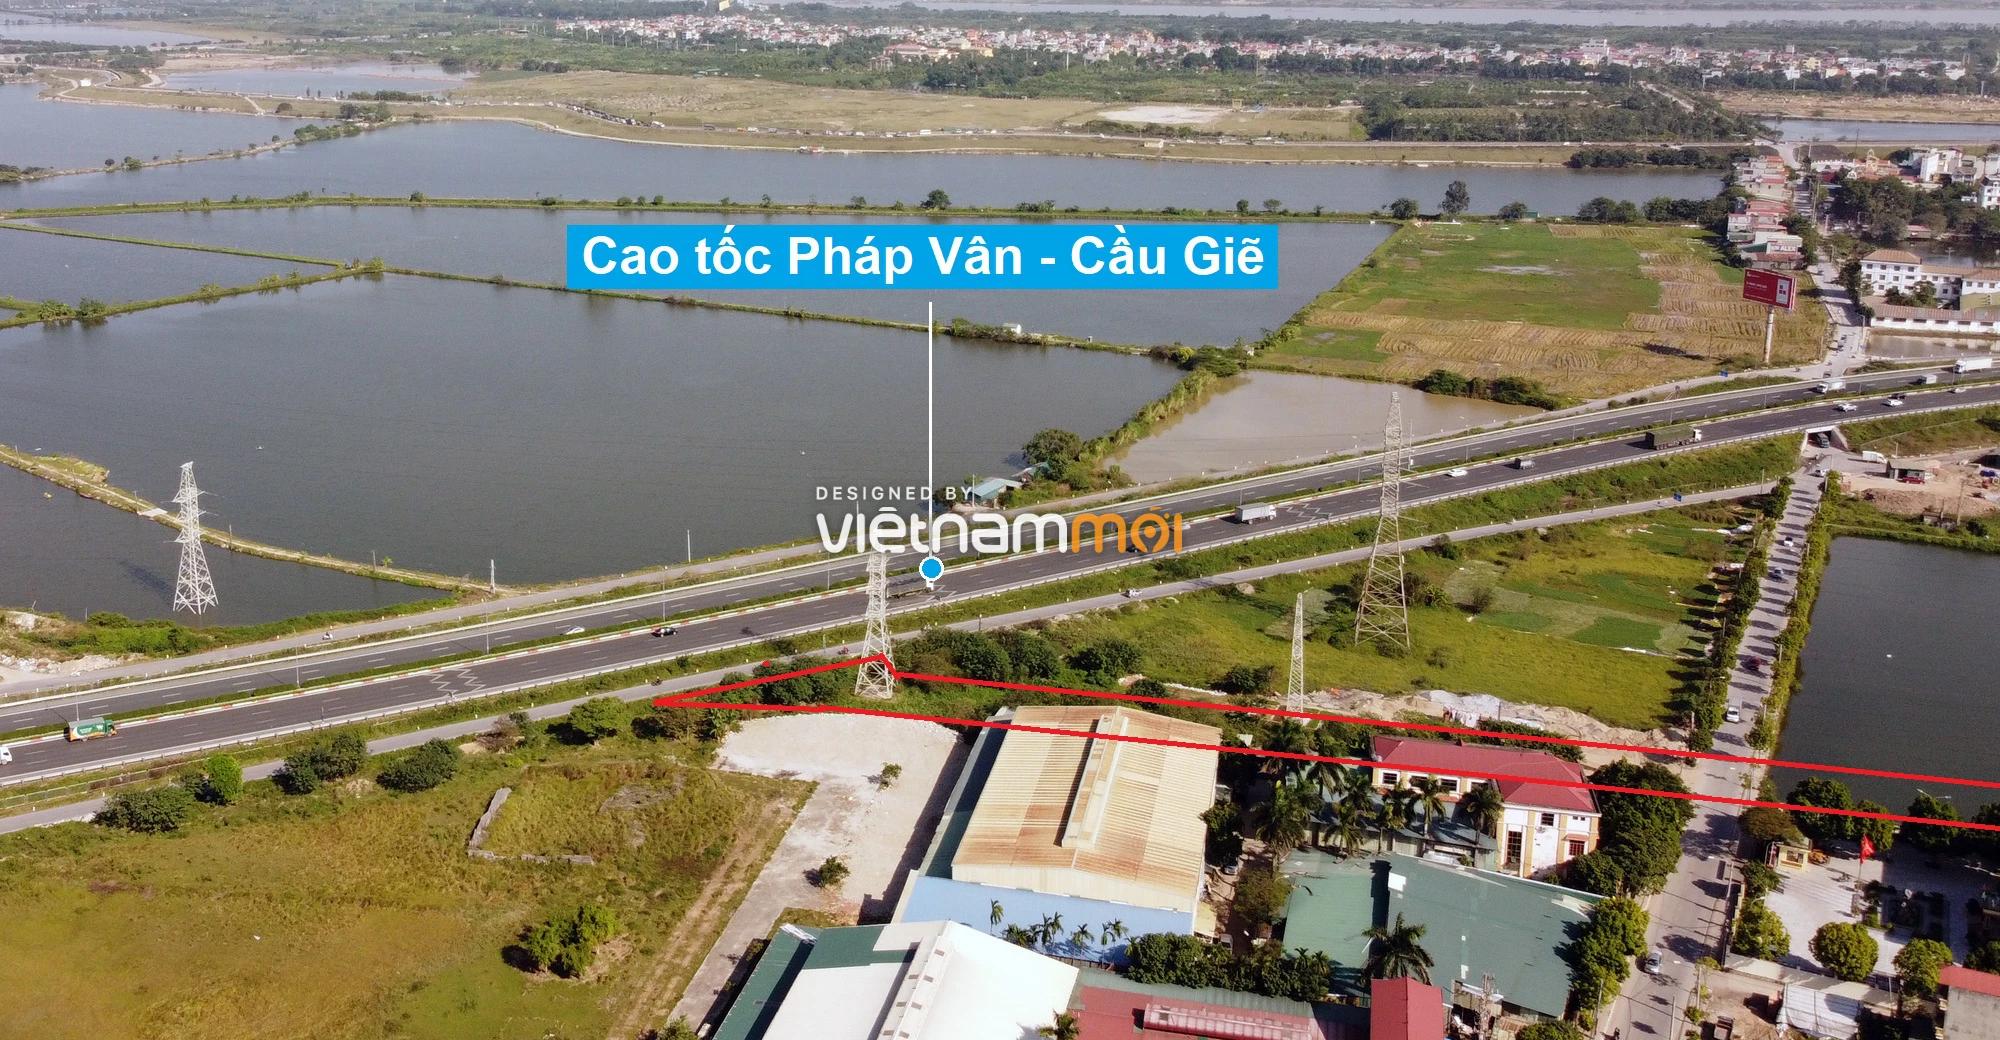 Những khu đất sắp thu hồi để mở đường ở xã Tứ Hiệp, Thanh Trì, Hà Nội (phần 4) - Ảnh 11.